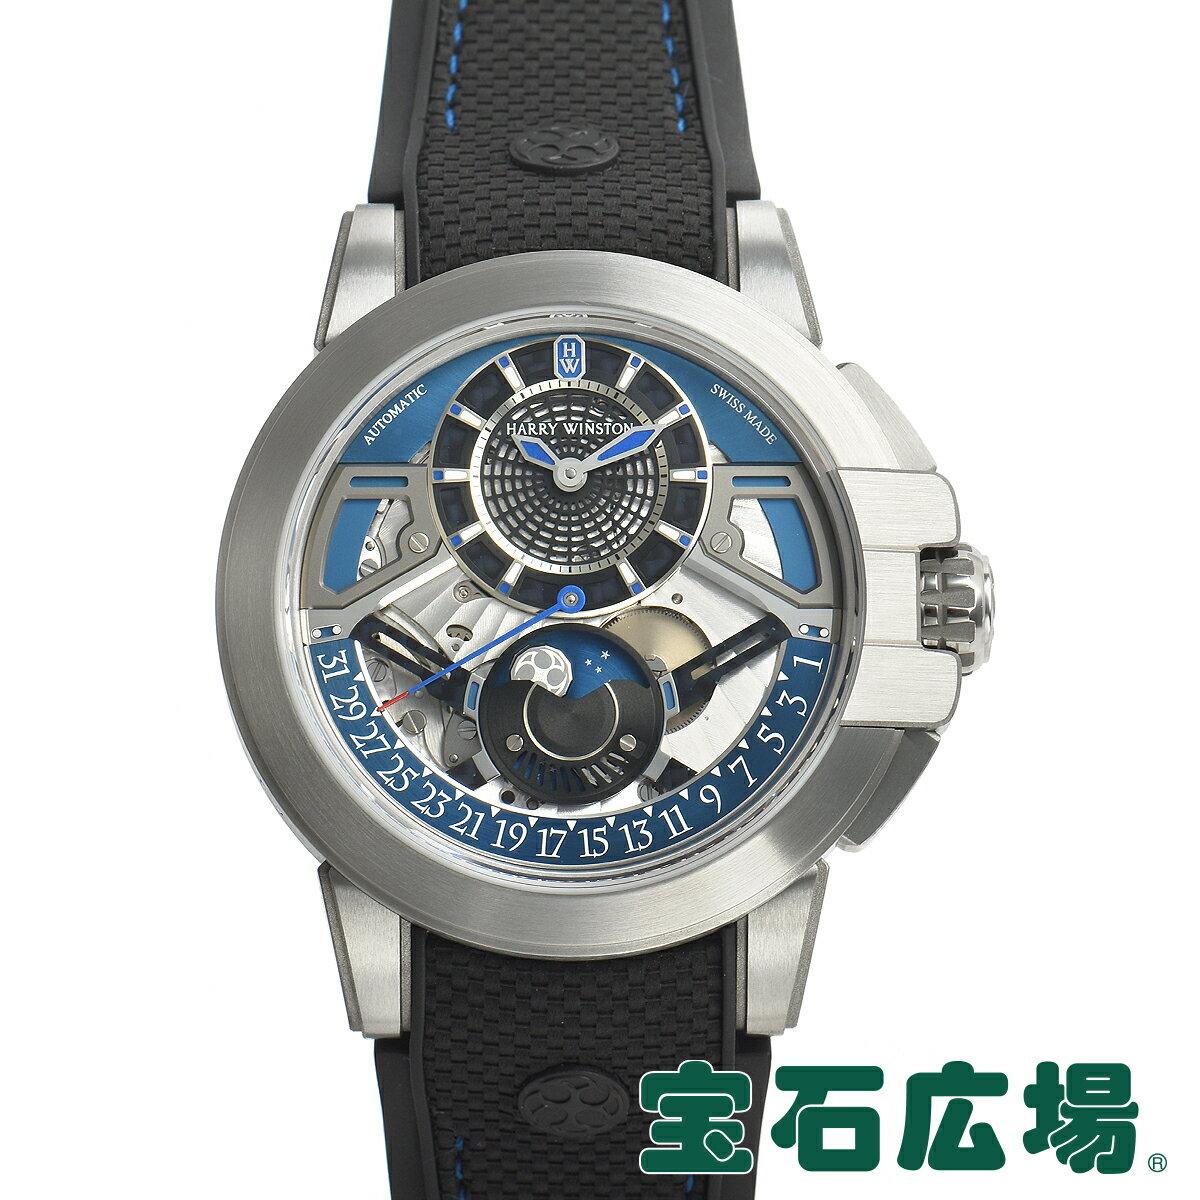 ハリー ウィンストン HARRY WINSTON プロジェクト Z13 限定300本 OCEAMP42ZZ001【新品】メンズ 腕時計 送料無料